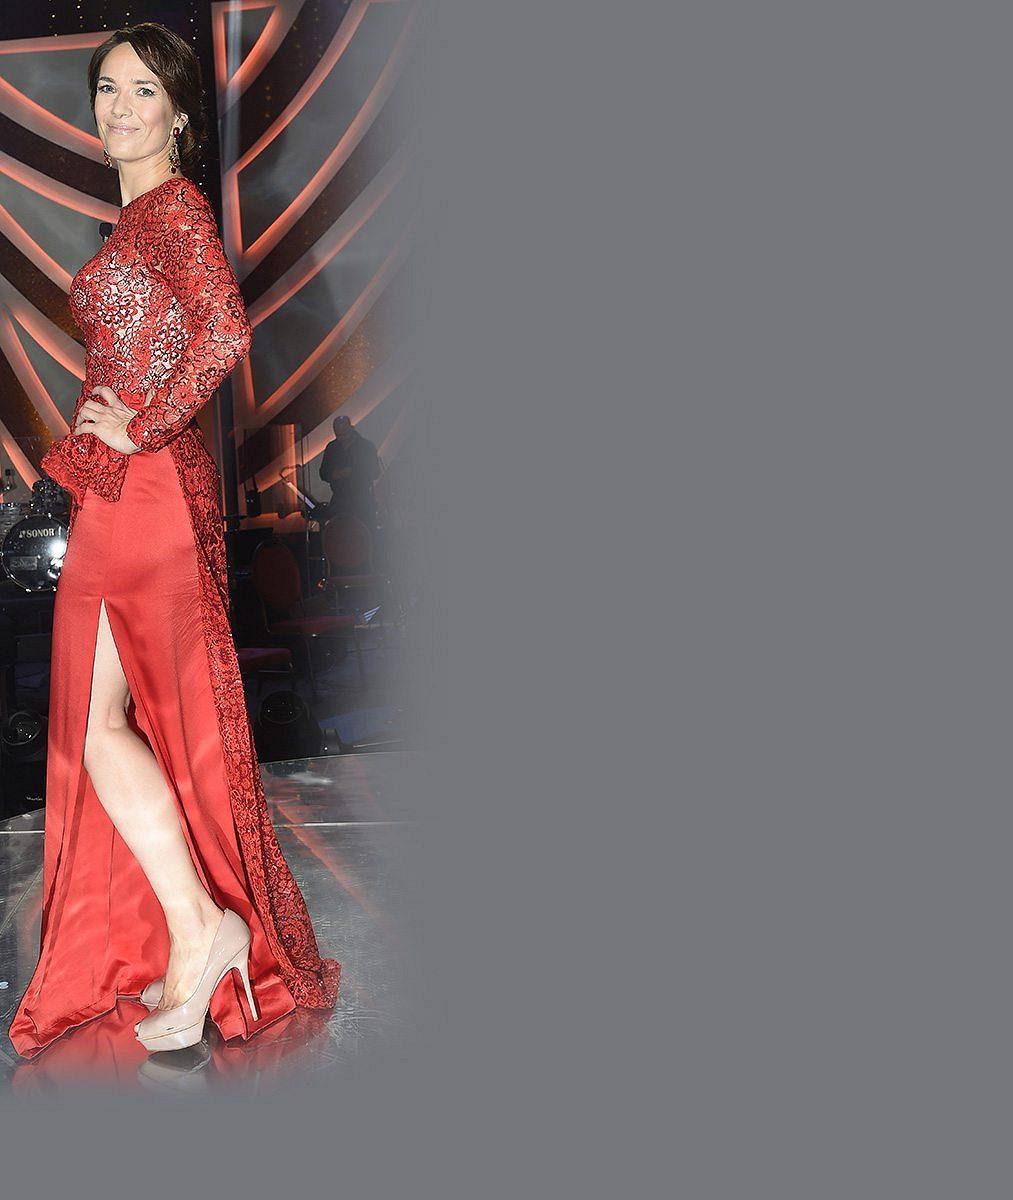 Jen růžová to může být: Tereza Kostková v jarně zářivém modelu prozradila, jak si udržuje velikost třicet šest